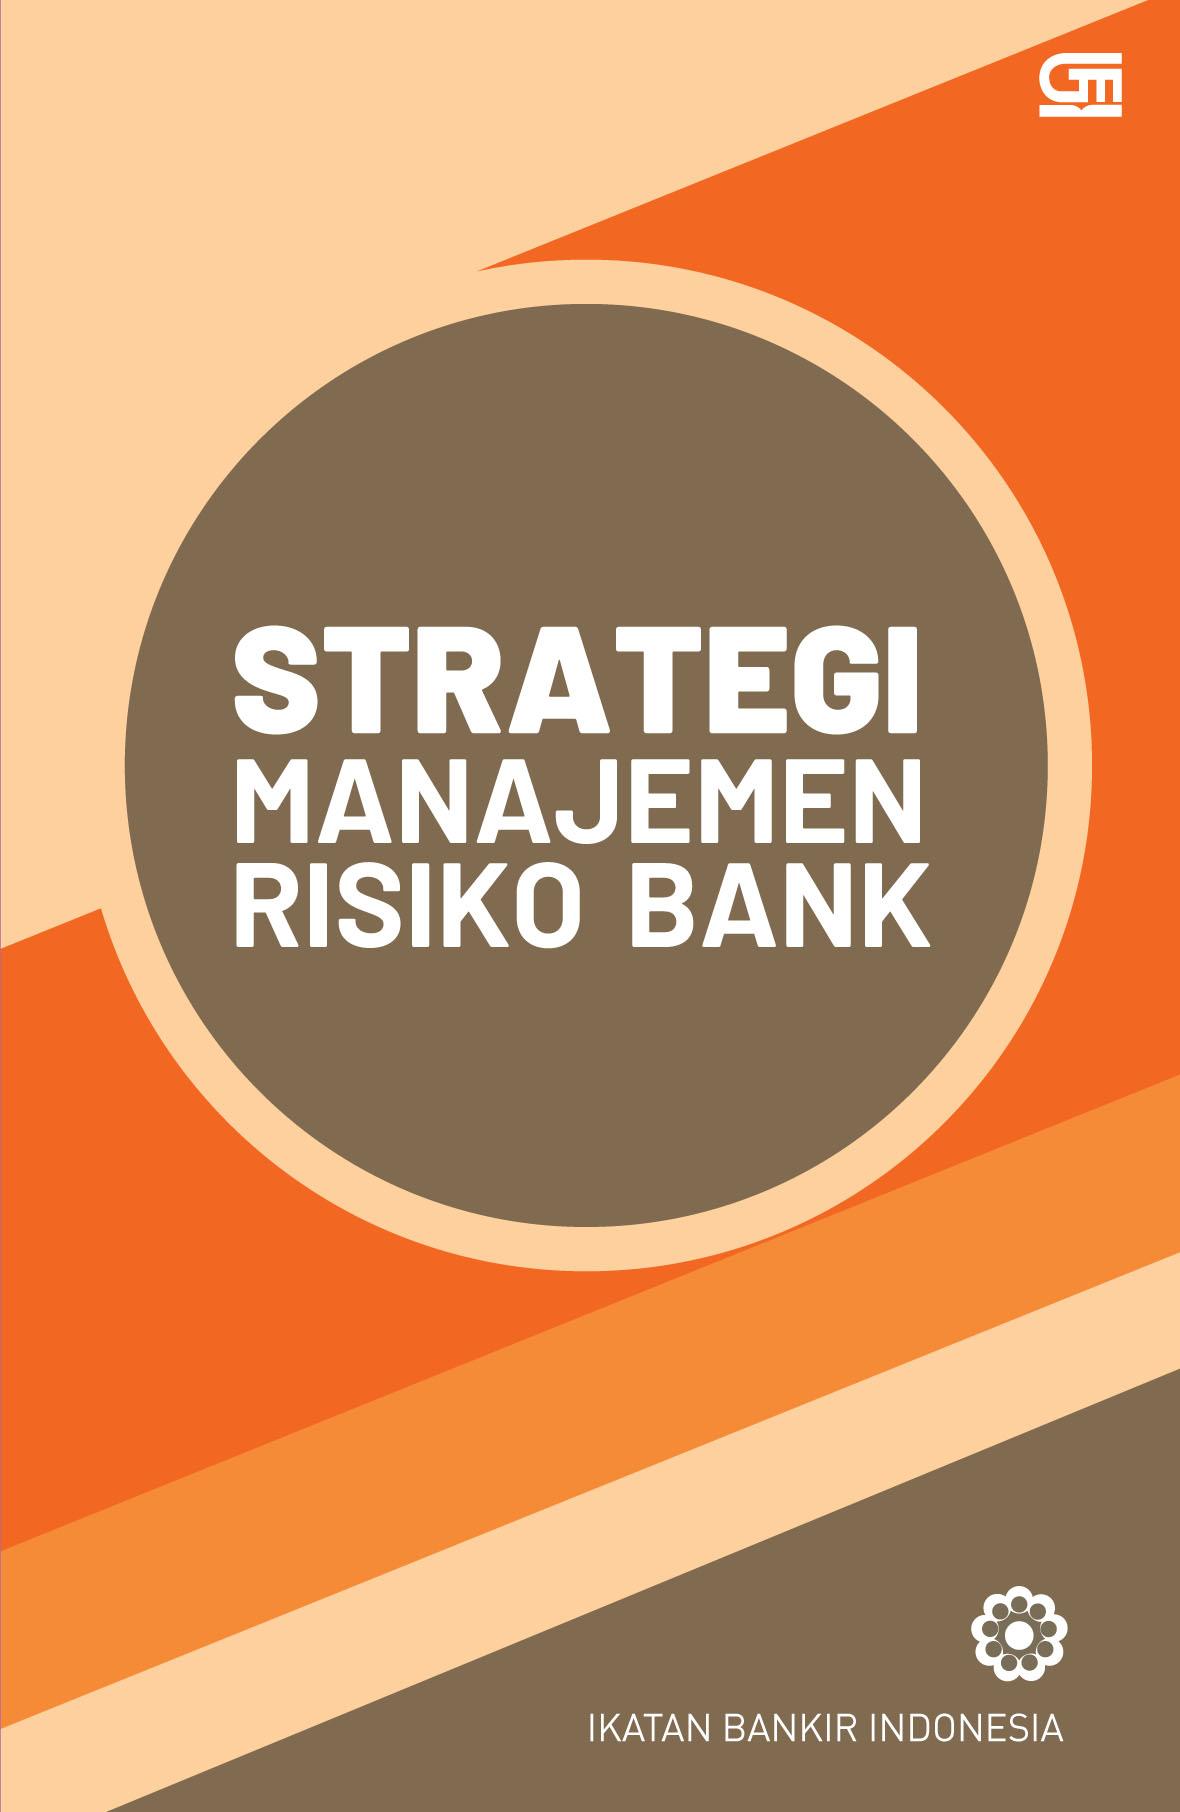 Strategi Manajemen Risiko Bank (Cetak Ulang Cover Baru)